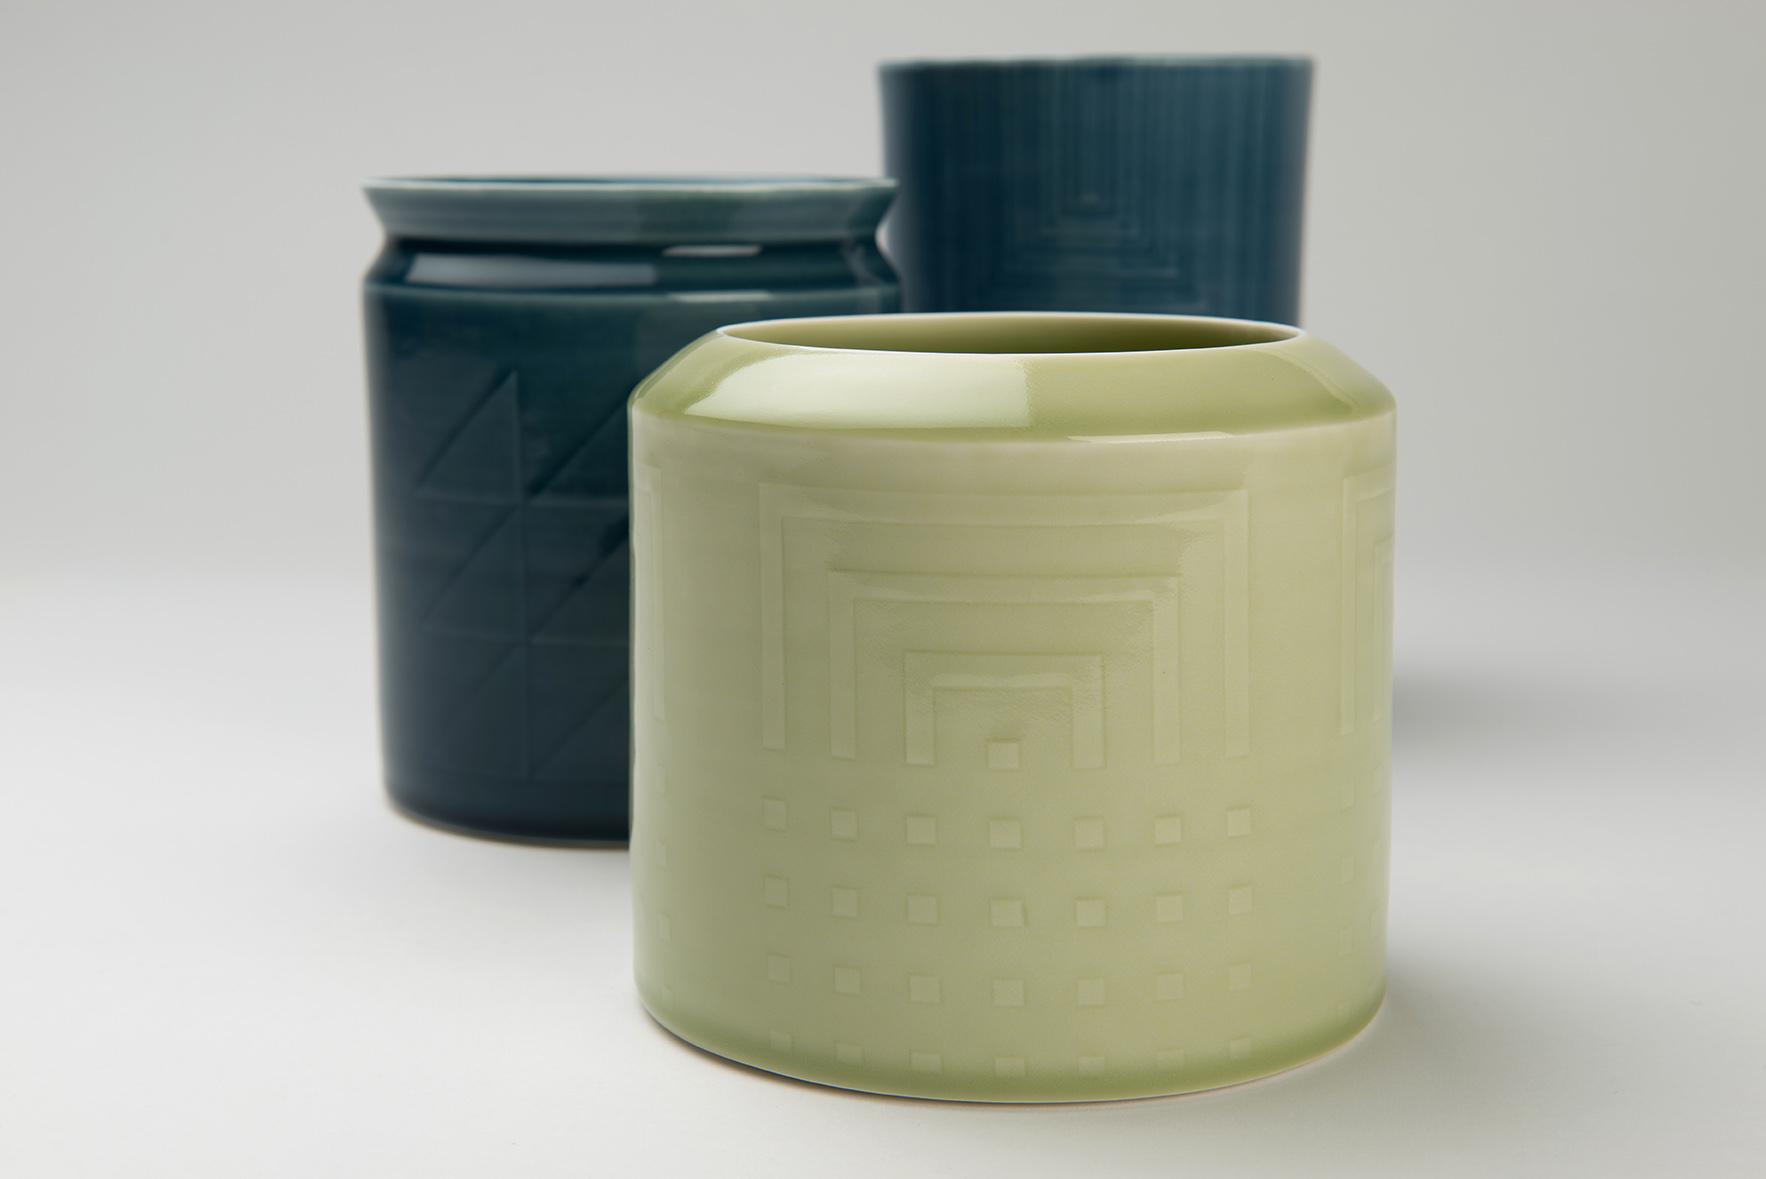 Porcelain vessels, wheel thrown, relief detail   Front 13 x 14 cm  Middle 15 x 13 cm  Back 18.5 x 12 cm